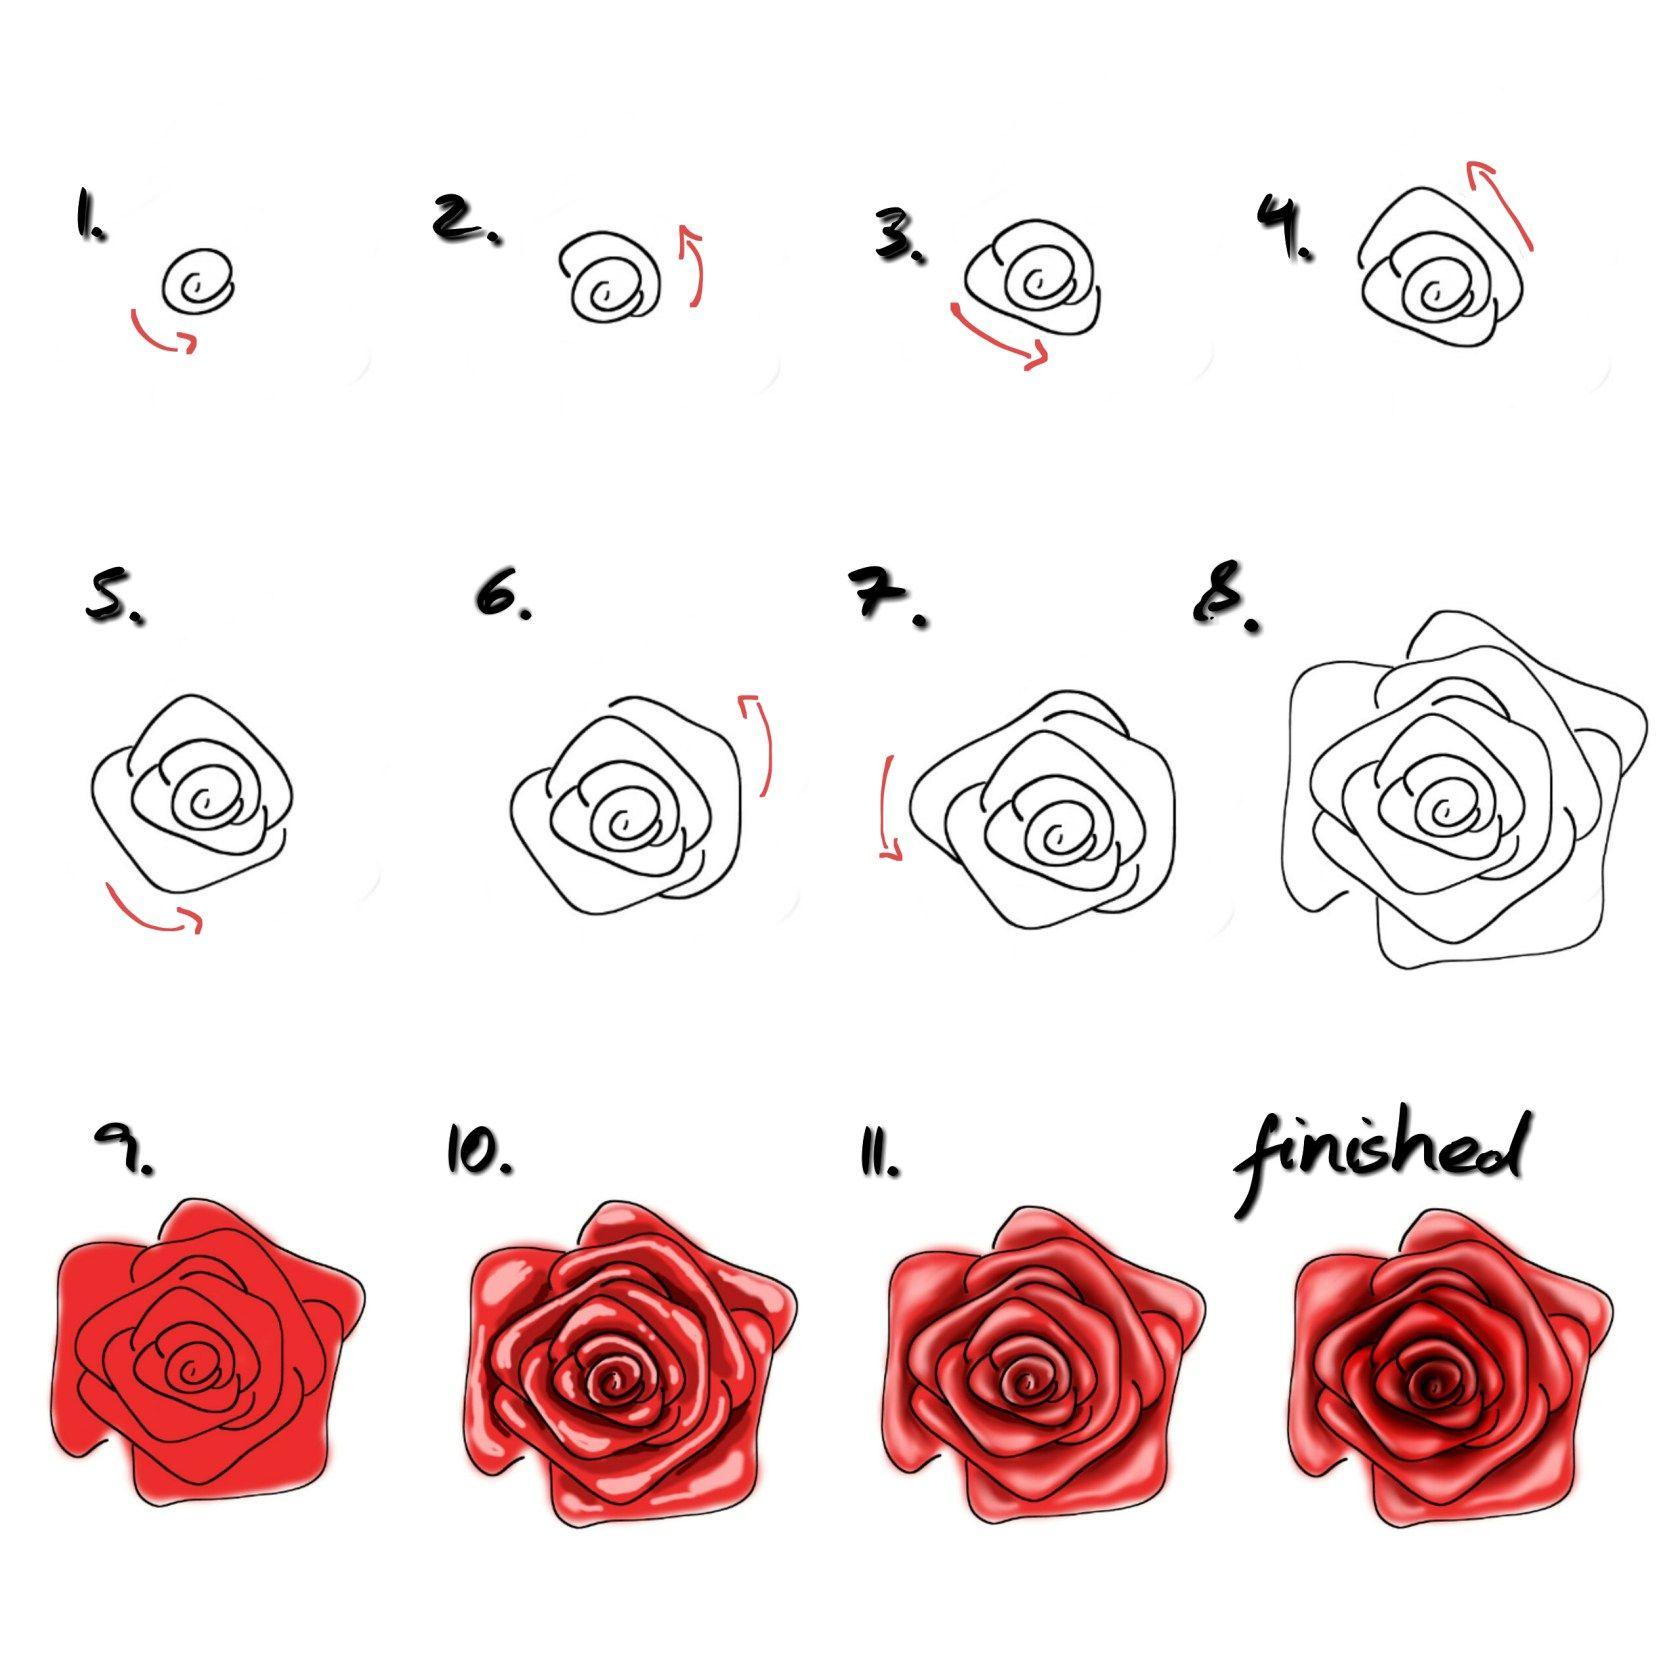 Rose malen für Anfänger - einfaches Tutorial/ malen lernen  Rose